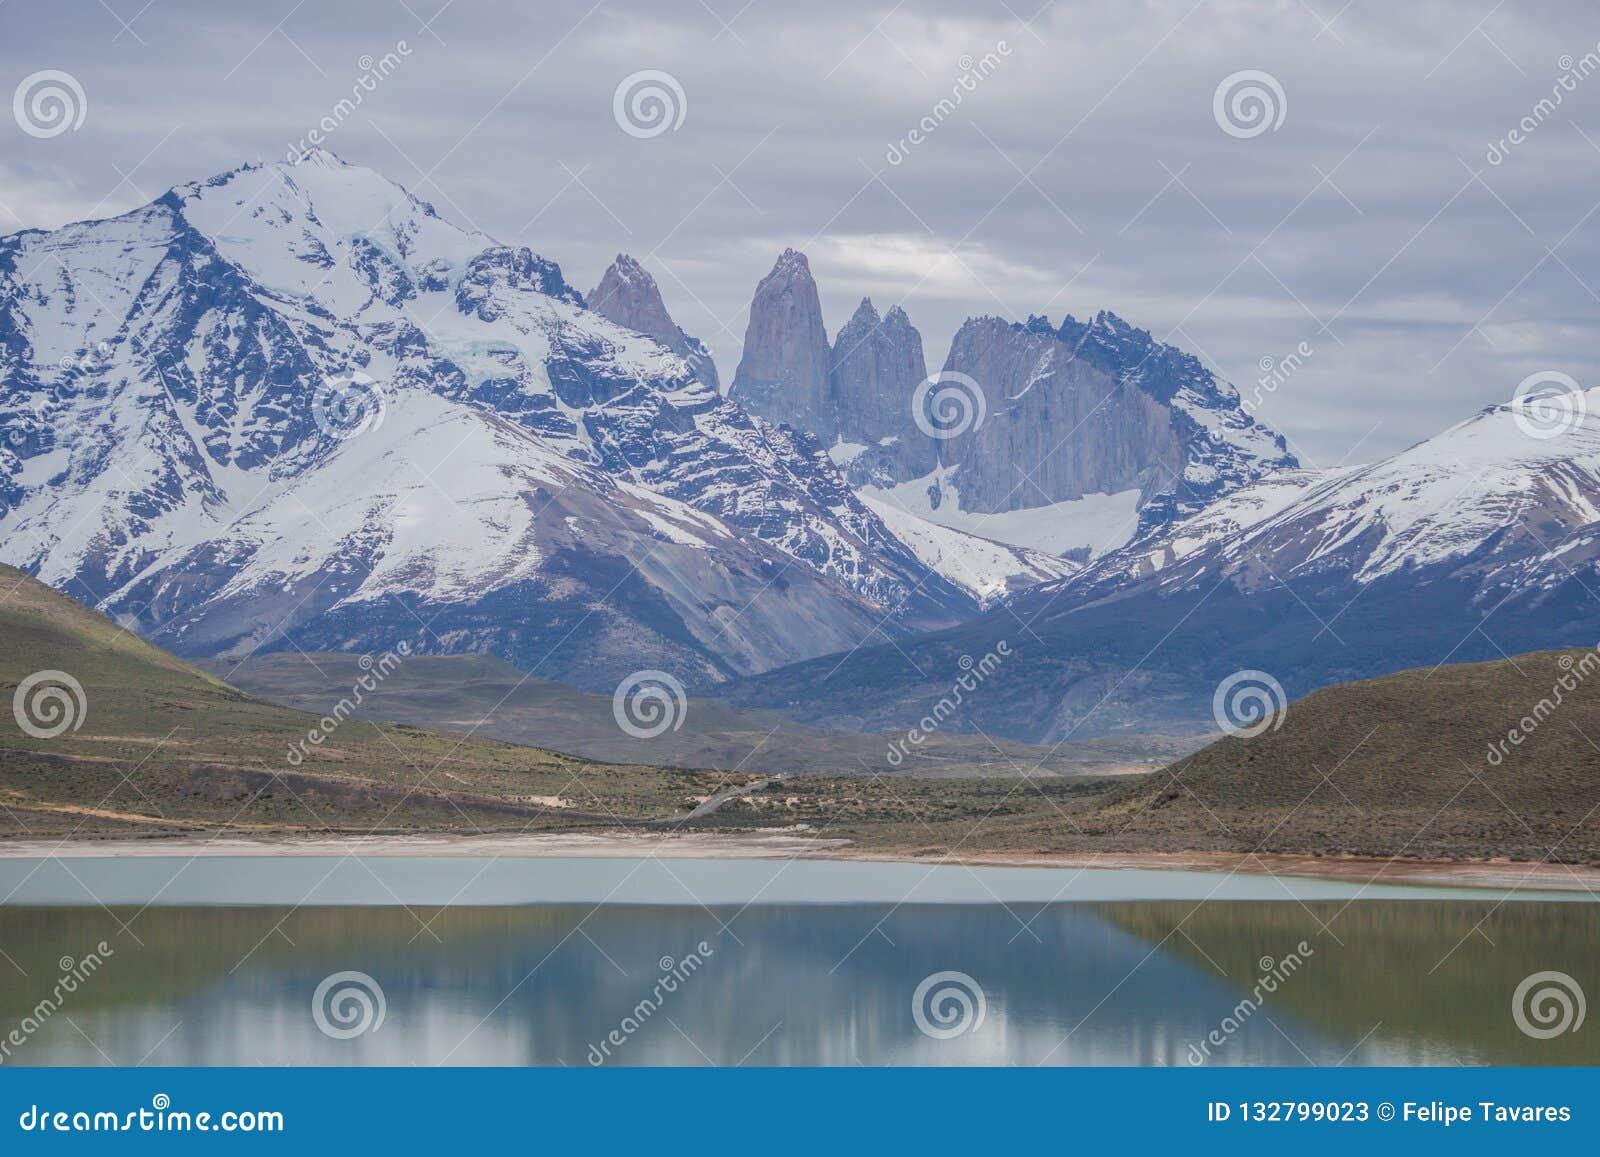 Animais selvagens e natureza em Parque Torres del Paine, o Chile, Patagonia